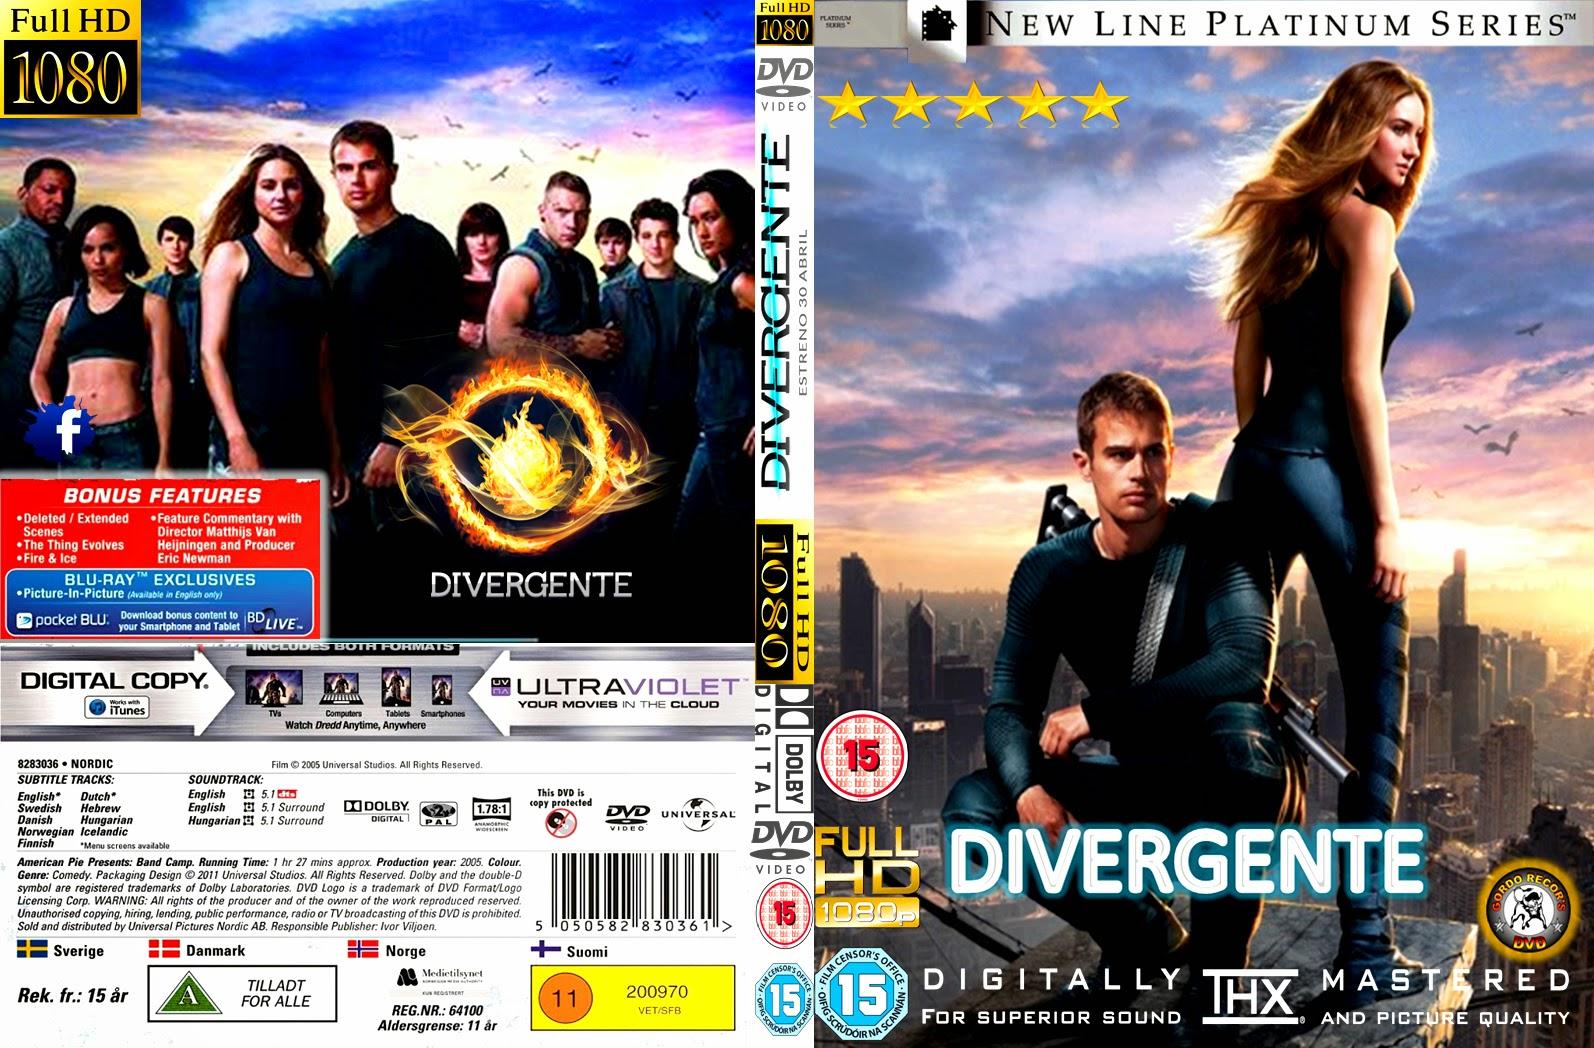 Divergente DVD